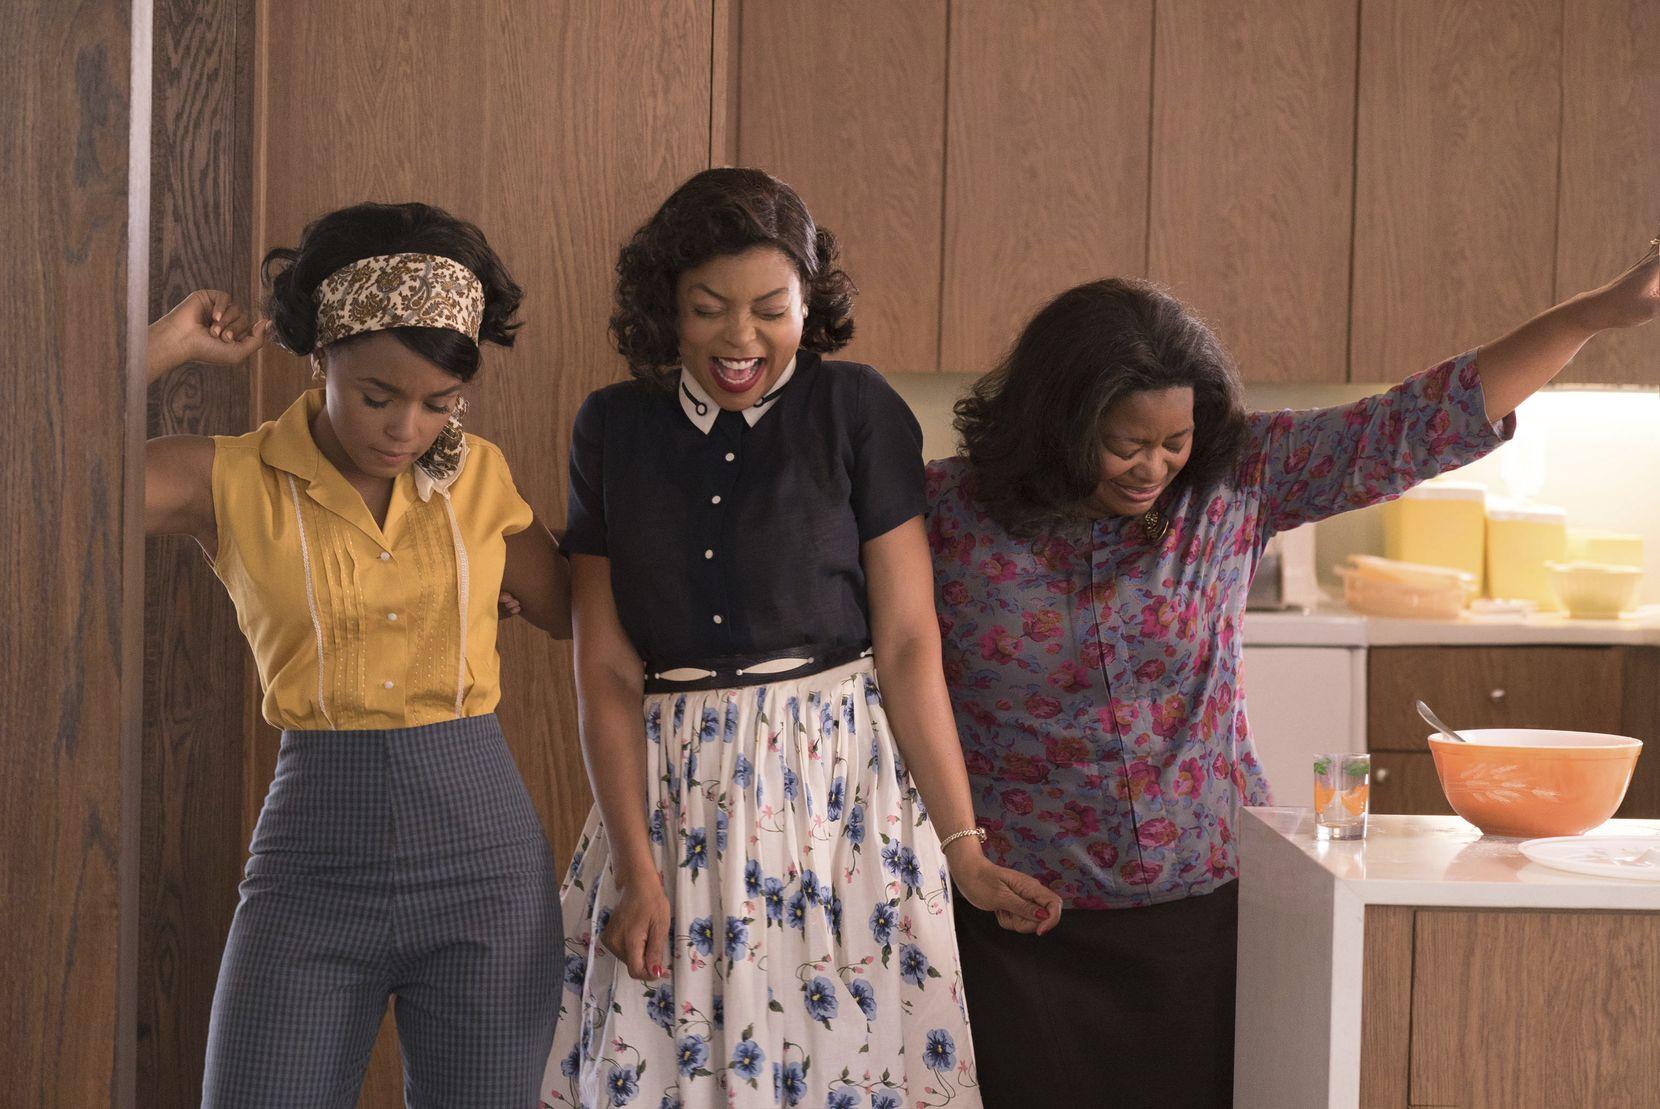 """(De izq. a der.)Janelle Monae, Taraji P. Henson y Octavia Spencer en una escena de """"Hidden Figures"""", que se estrena este fin de semana. 20TH CENTURY FOX"""